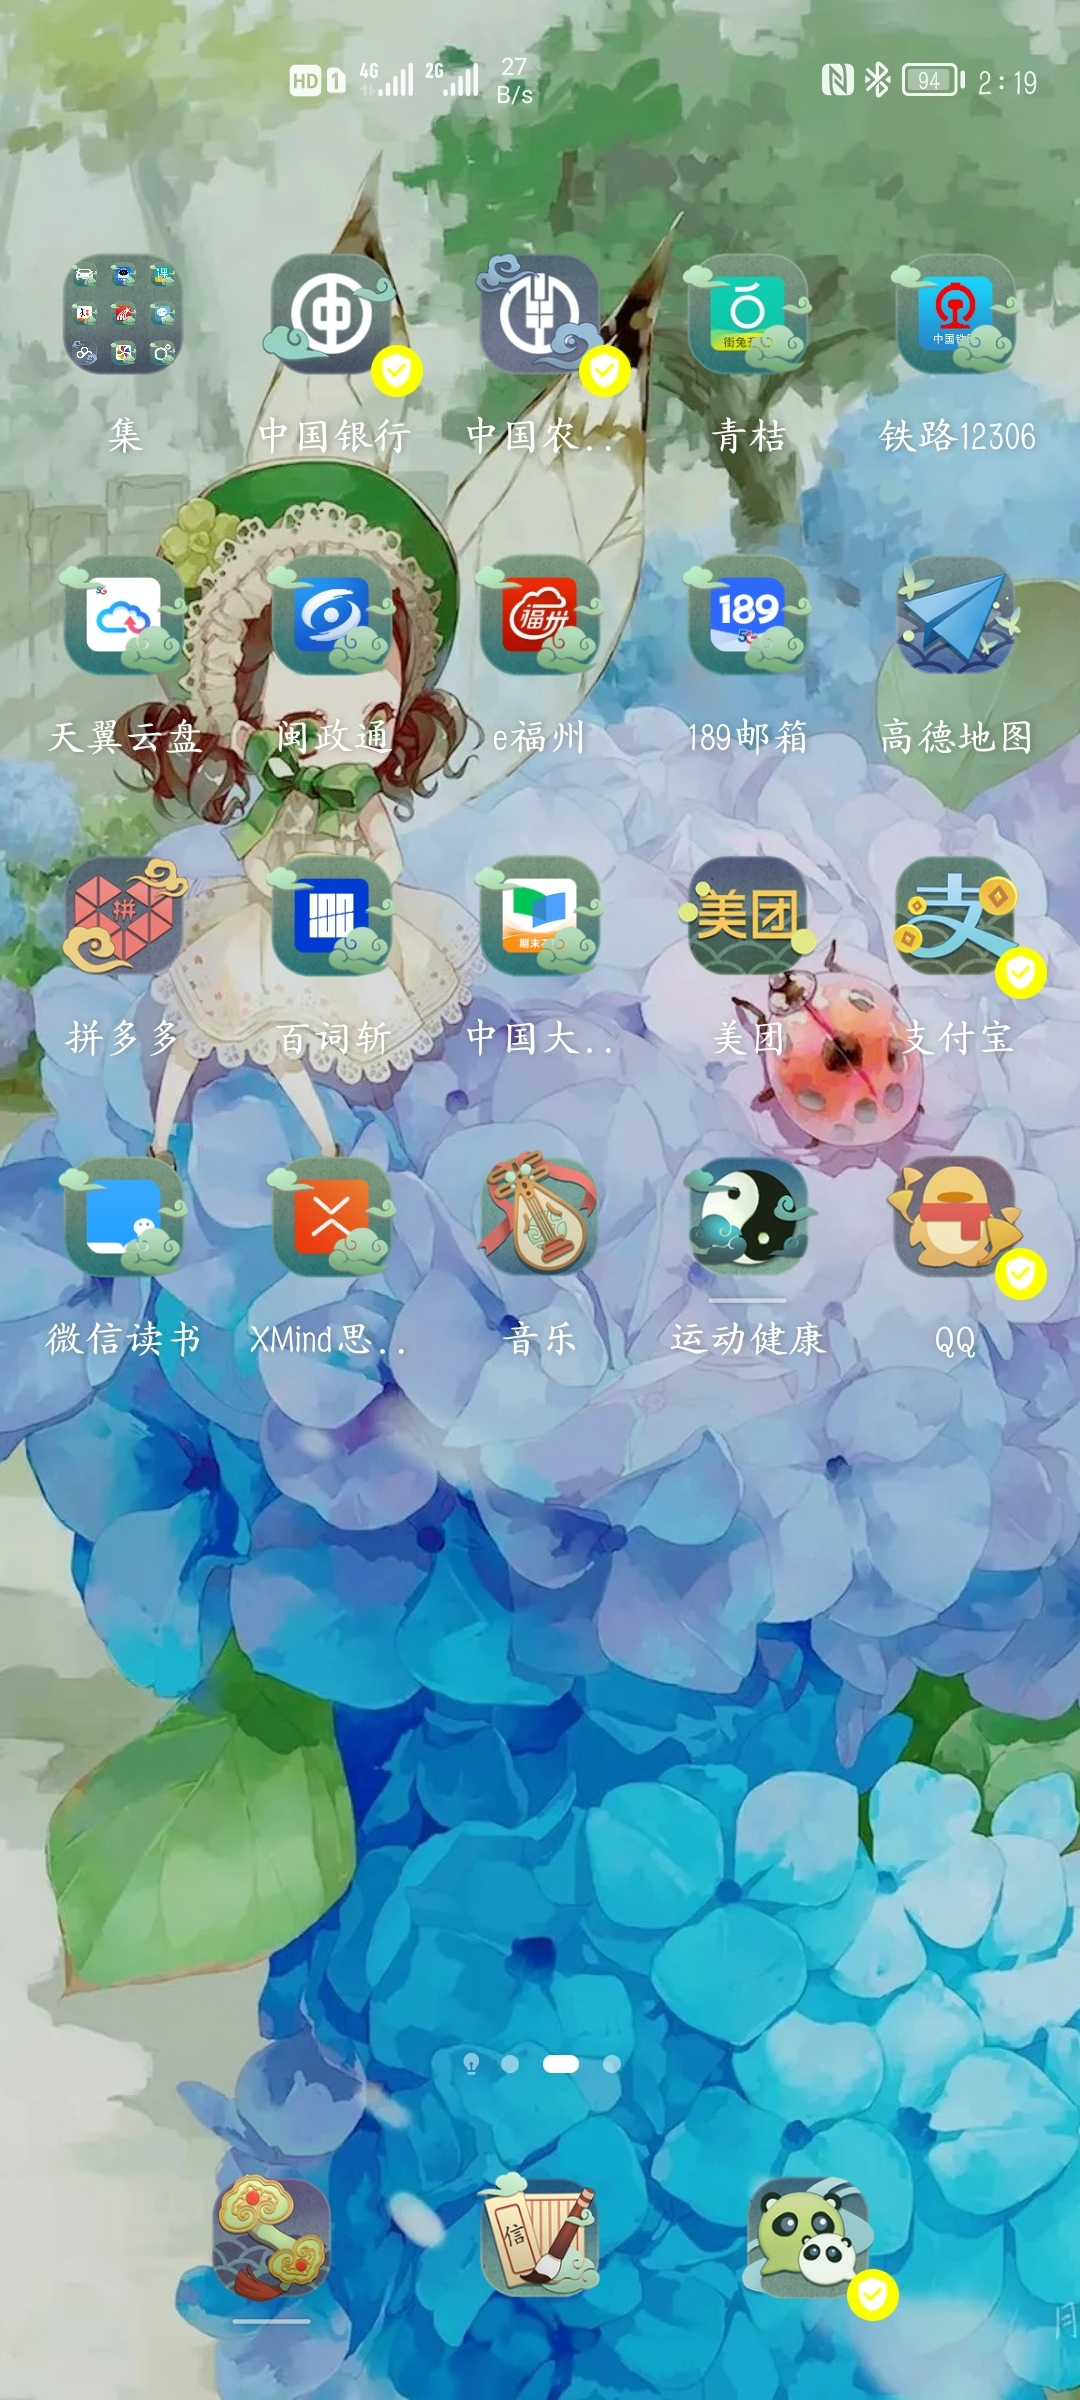 Screenshot_20210719_141947_com.huawei.android.launcher.jpg